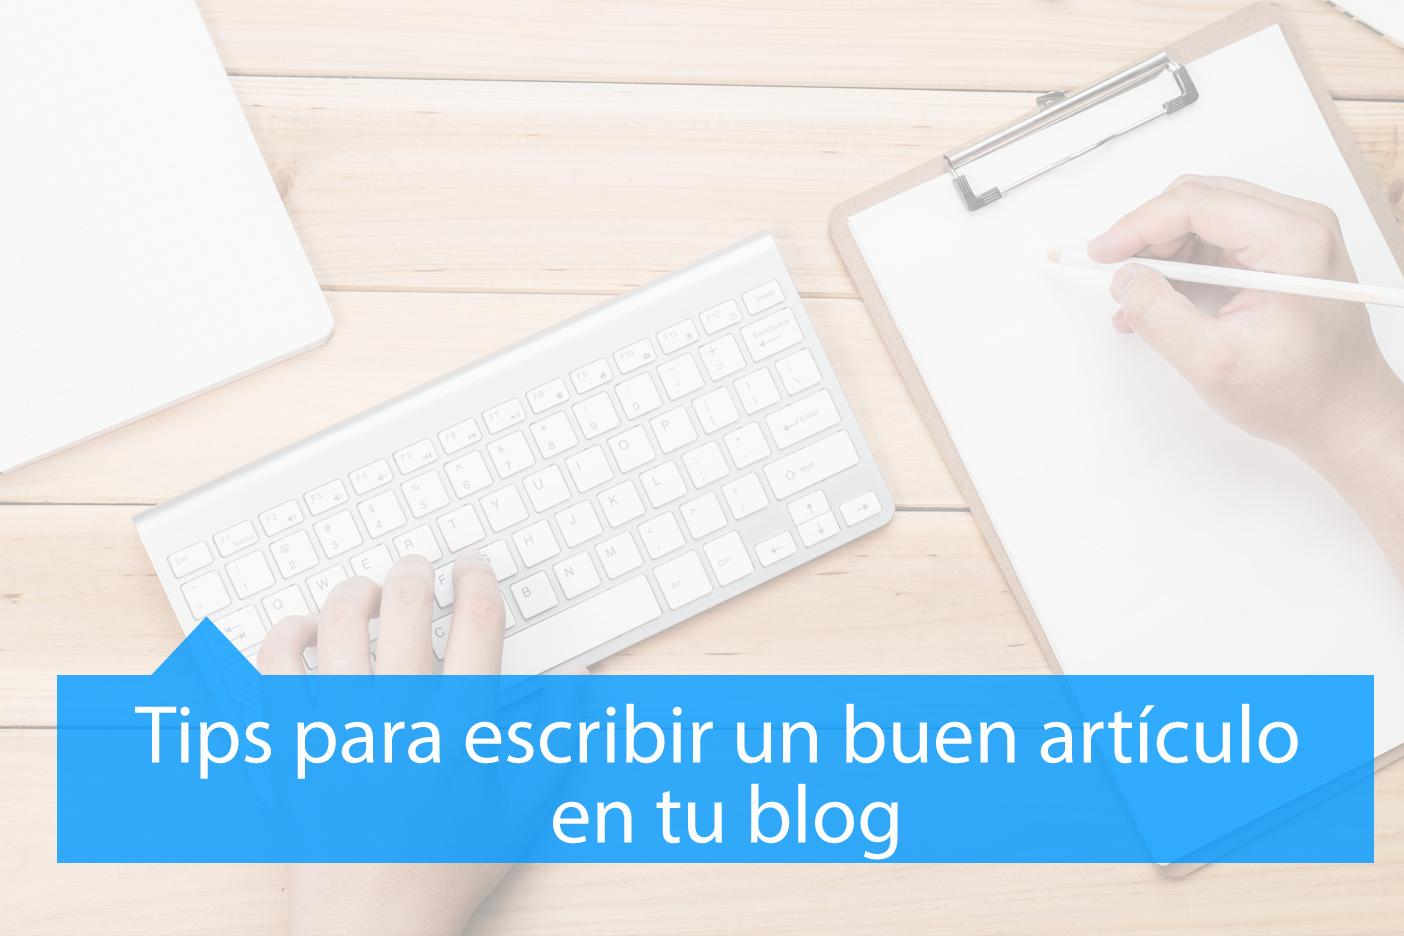 Tips para escribir un buen artículo para tu blog